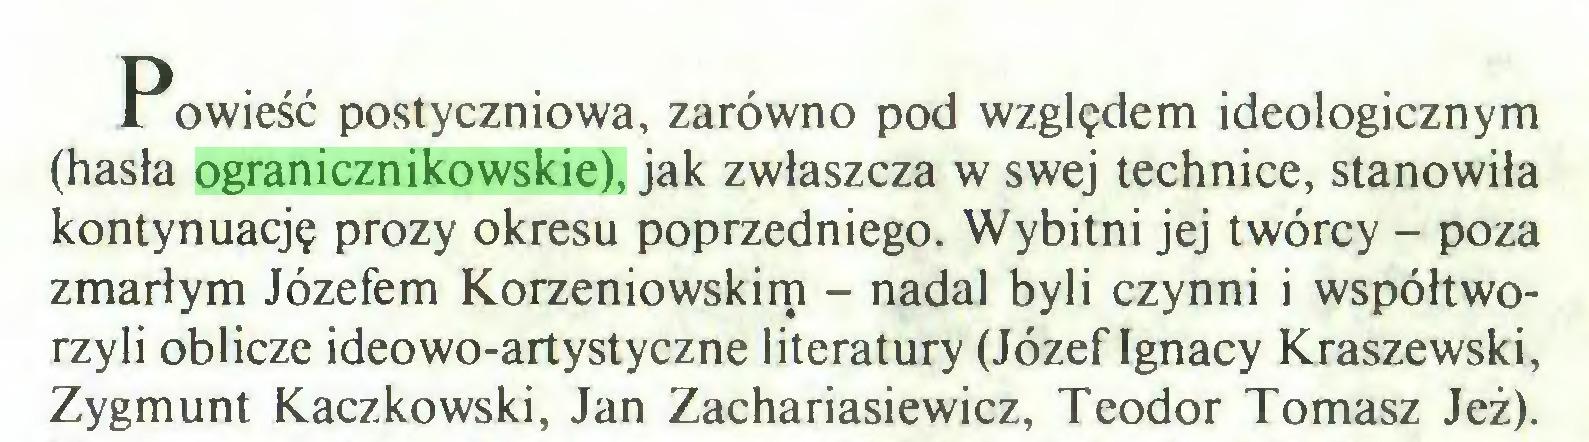 (...) Powieść postyczniowa, zarówno pod względem ideologicznym (hasła ogranicznikowskie), jak zwłaszcza w swej technice, stanowiła kontynuację prozy okresu poprzedniego. Wybitni jej twórcy - poza zmarłym Józefem Korzeniowskirp - nadal byli czynni i współtworzyli oblicze ideowo-artystyczne literatury (Józef Ignacy Kraszewski, Zygmunt Kaczkowski, Jan Zachariasiewicz, Teodor Tomasz Jeż)...